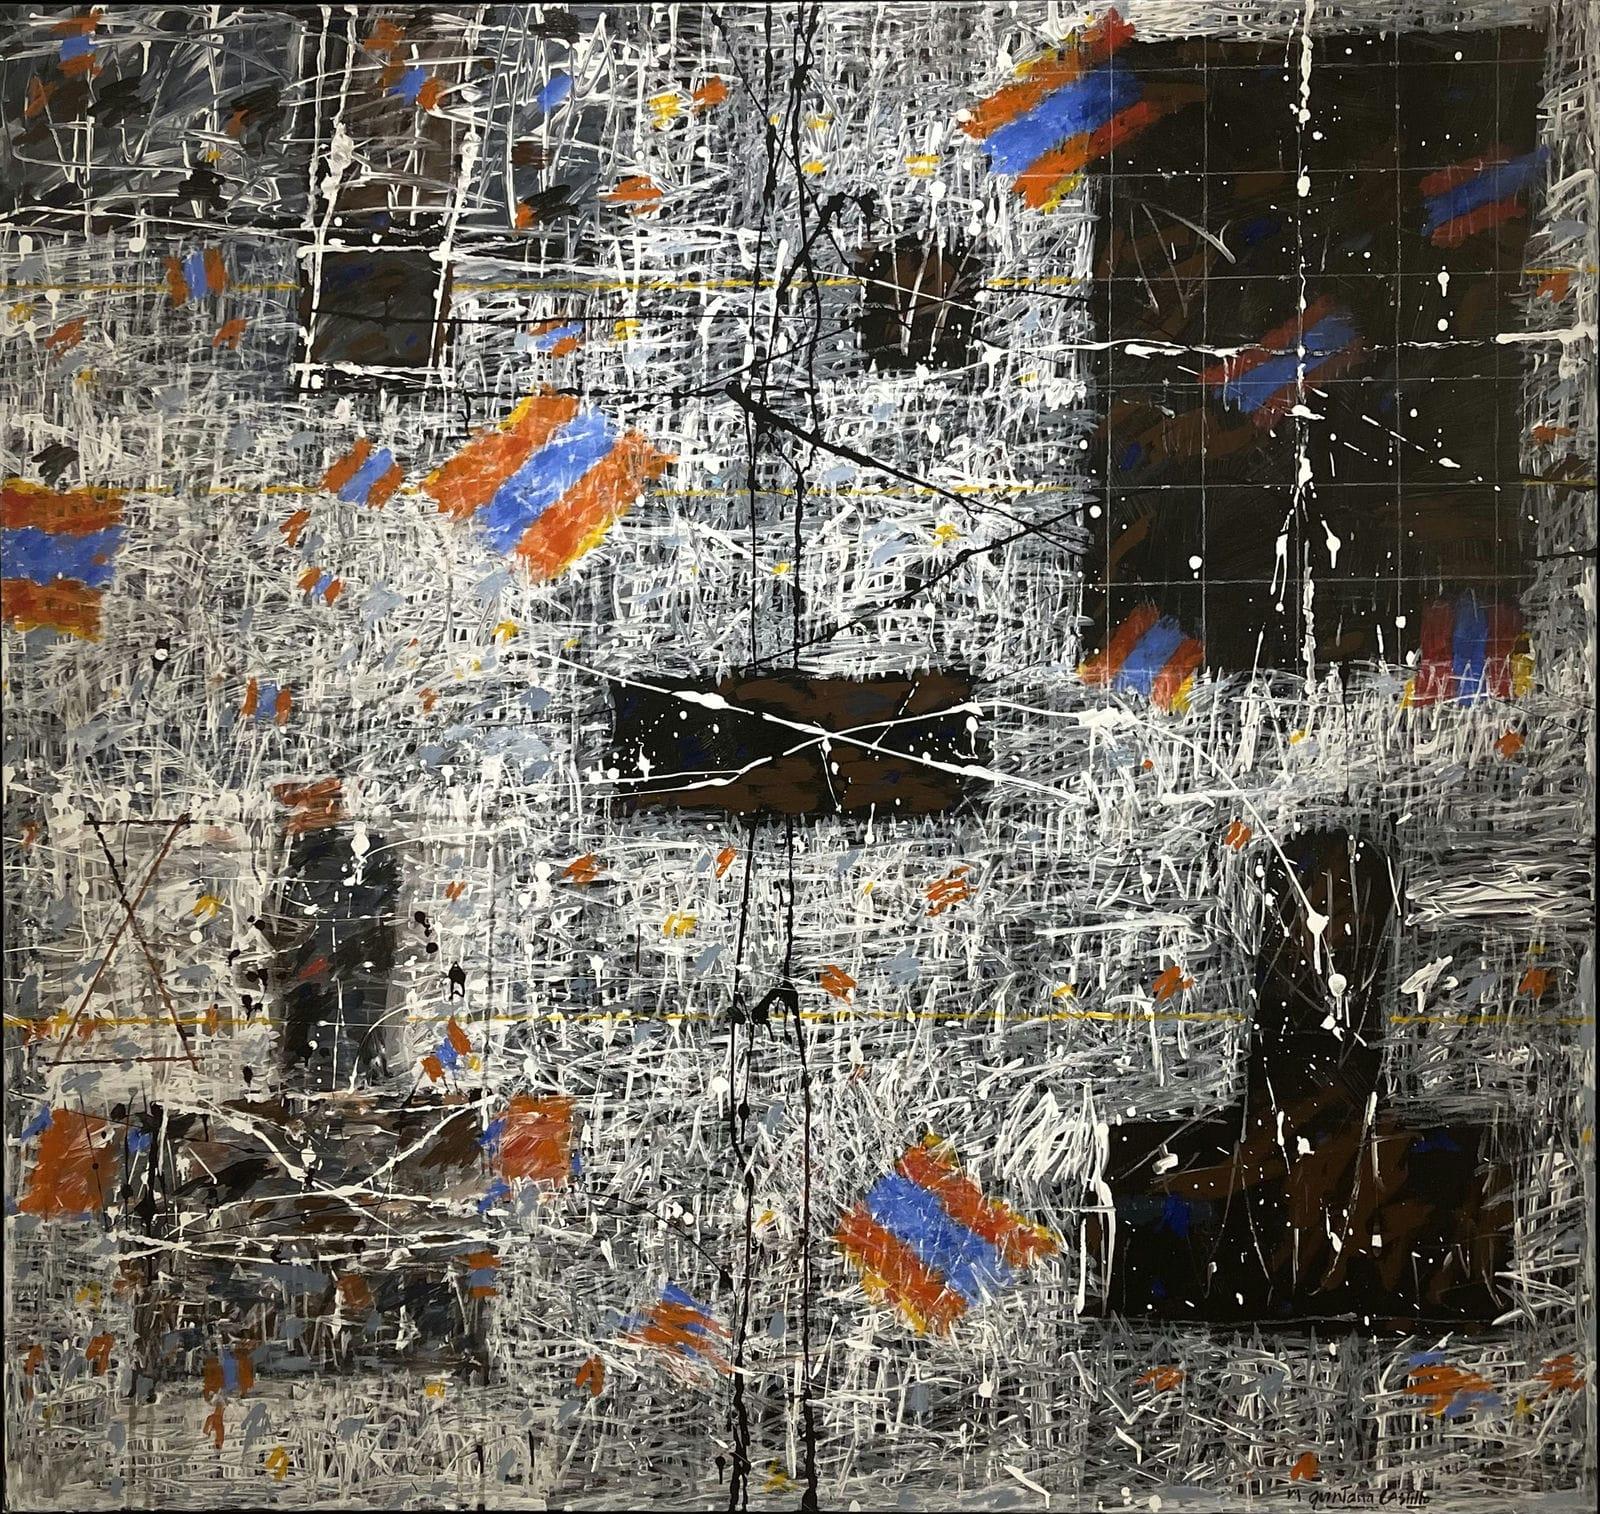 MaManuel Quintana Castillo Festival Heraclito, 2001 Serie: Planos activos / Geometría Viva Acrylic, Polymer, resin synthetic on canvas 64.9 x 68.8 in |165 x 175 cm